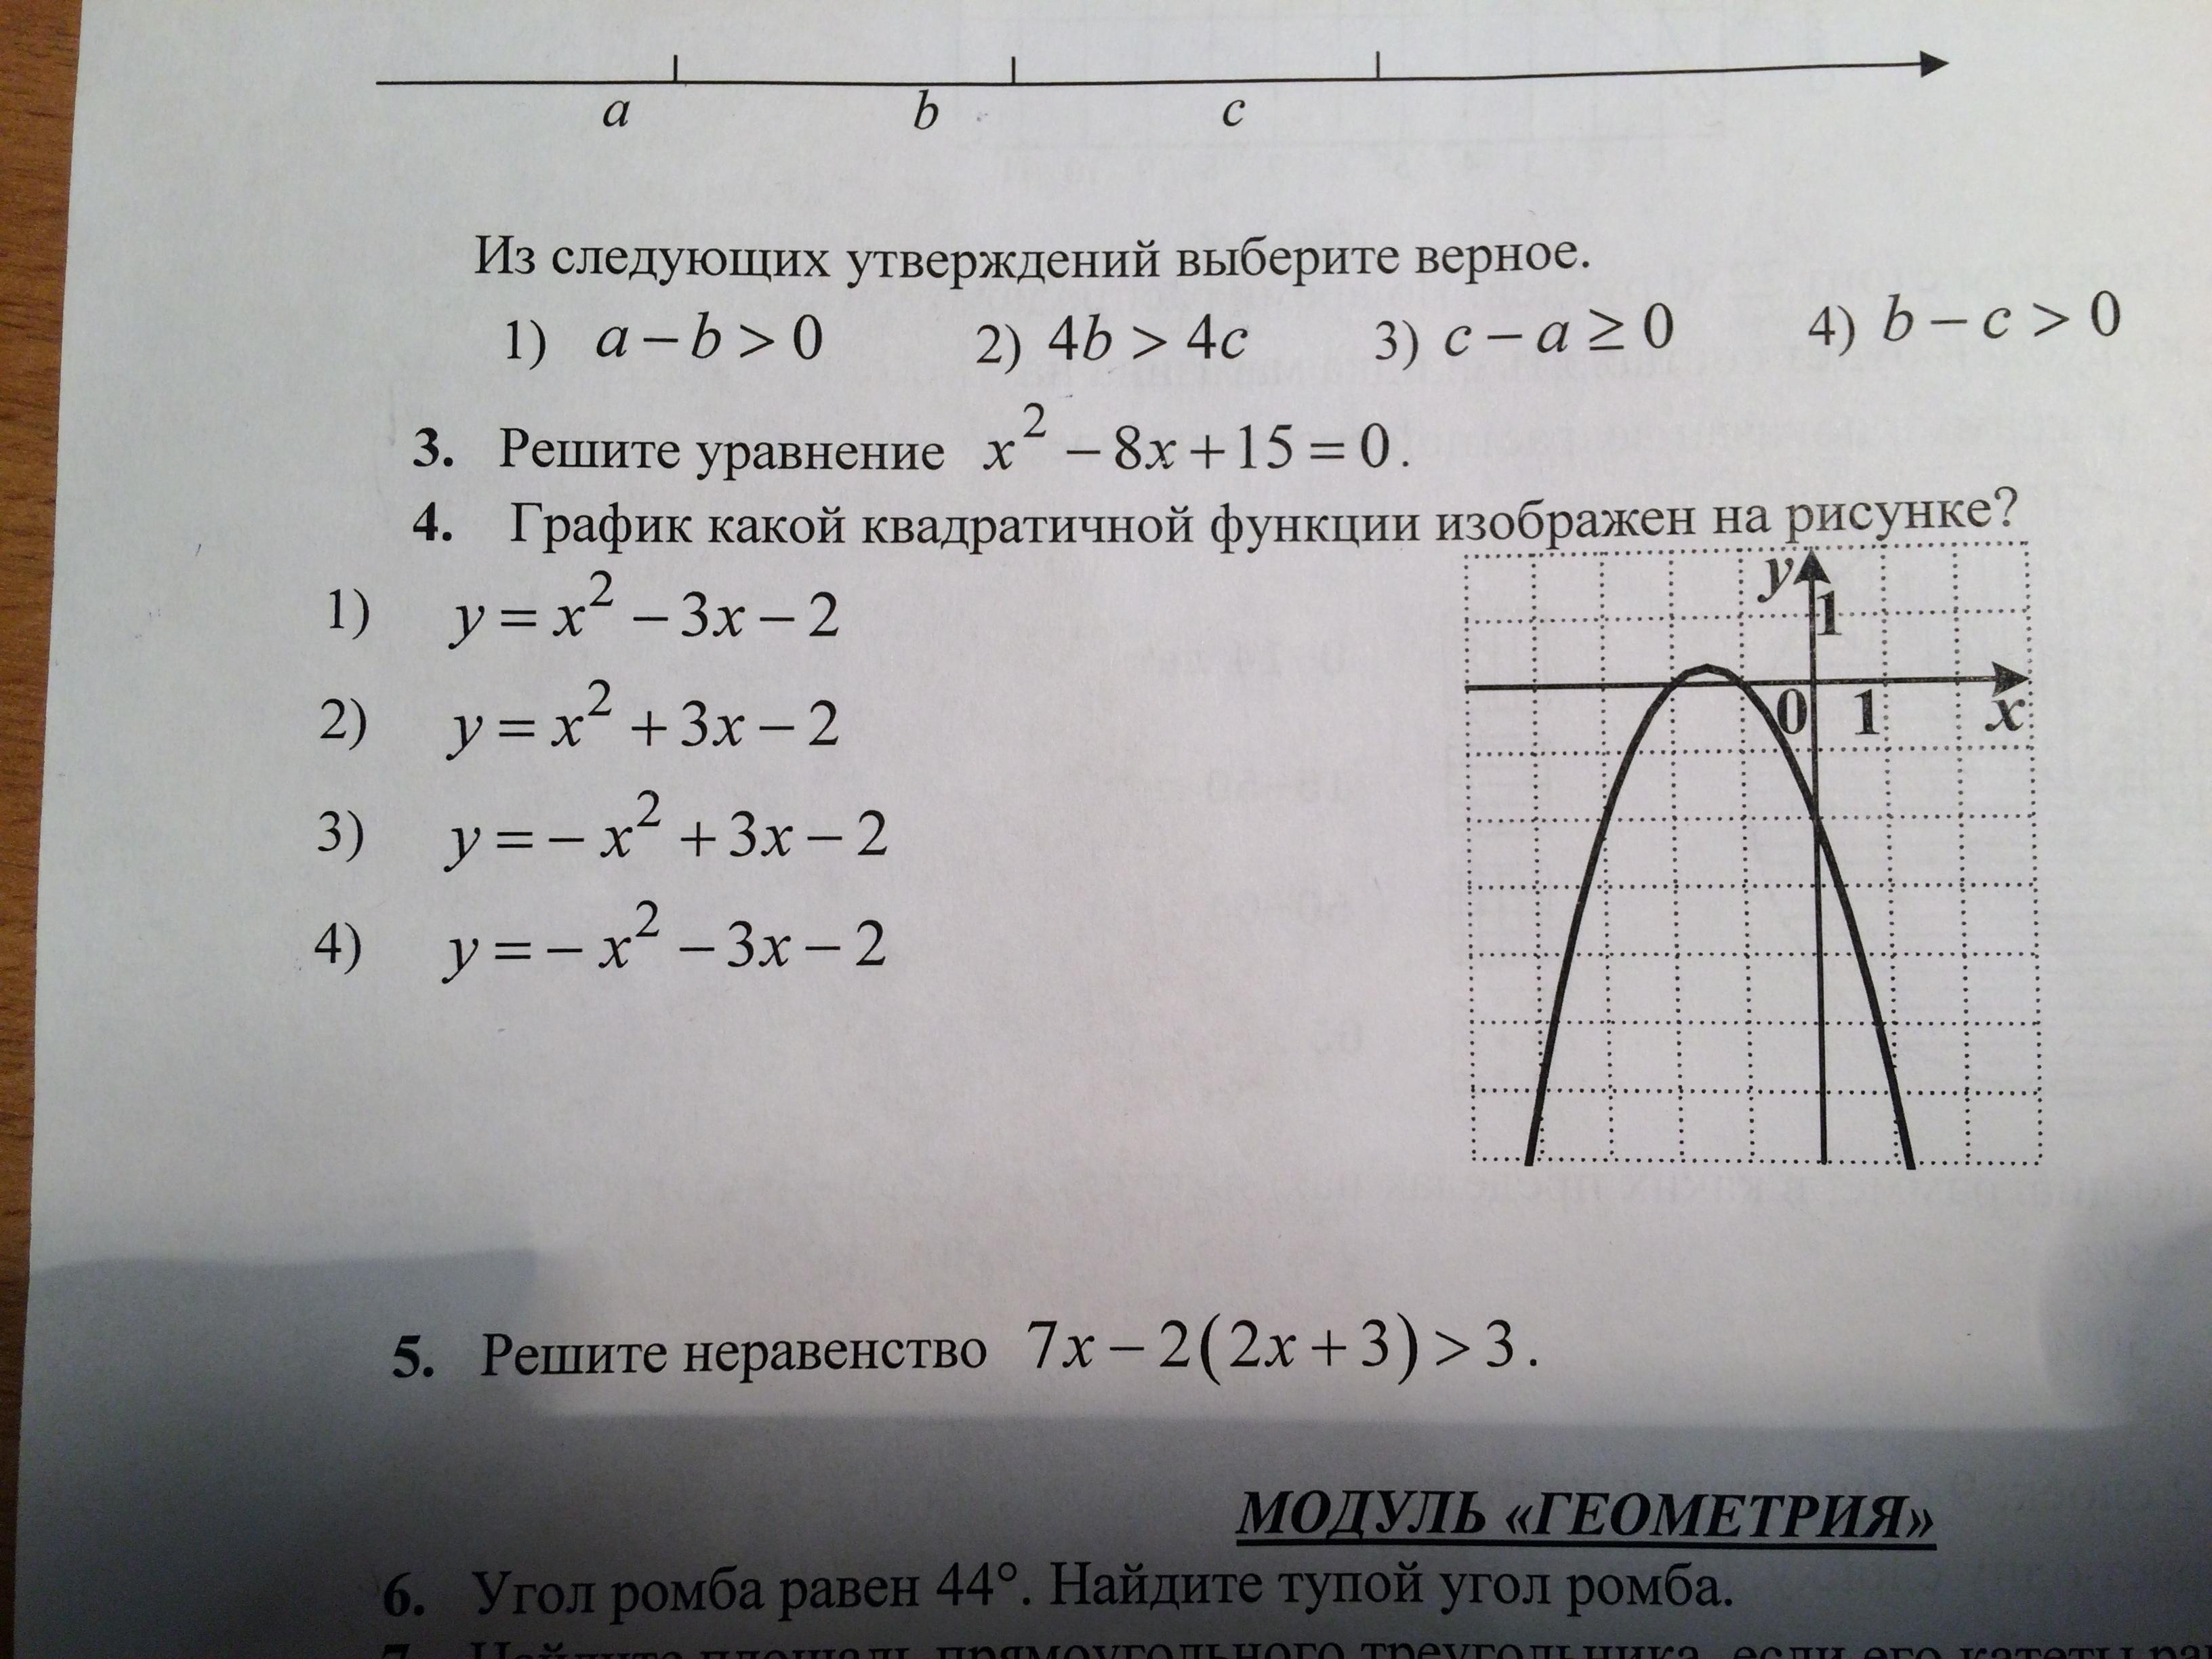 График какой квадратичной функции изображён на рисунке?